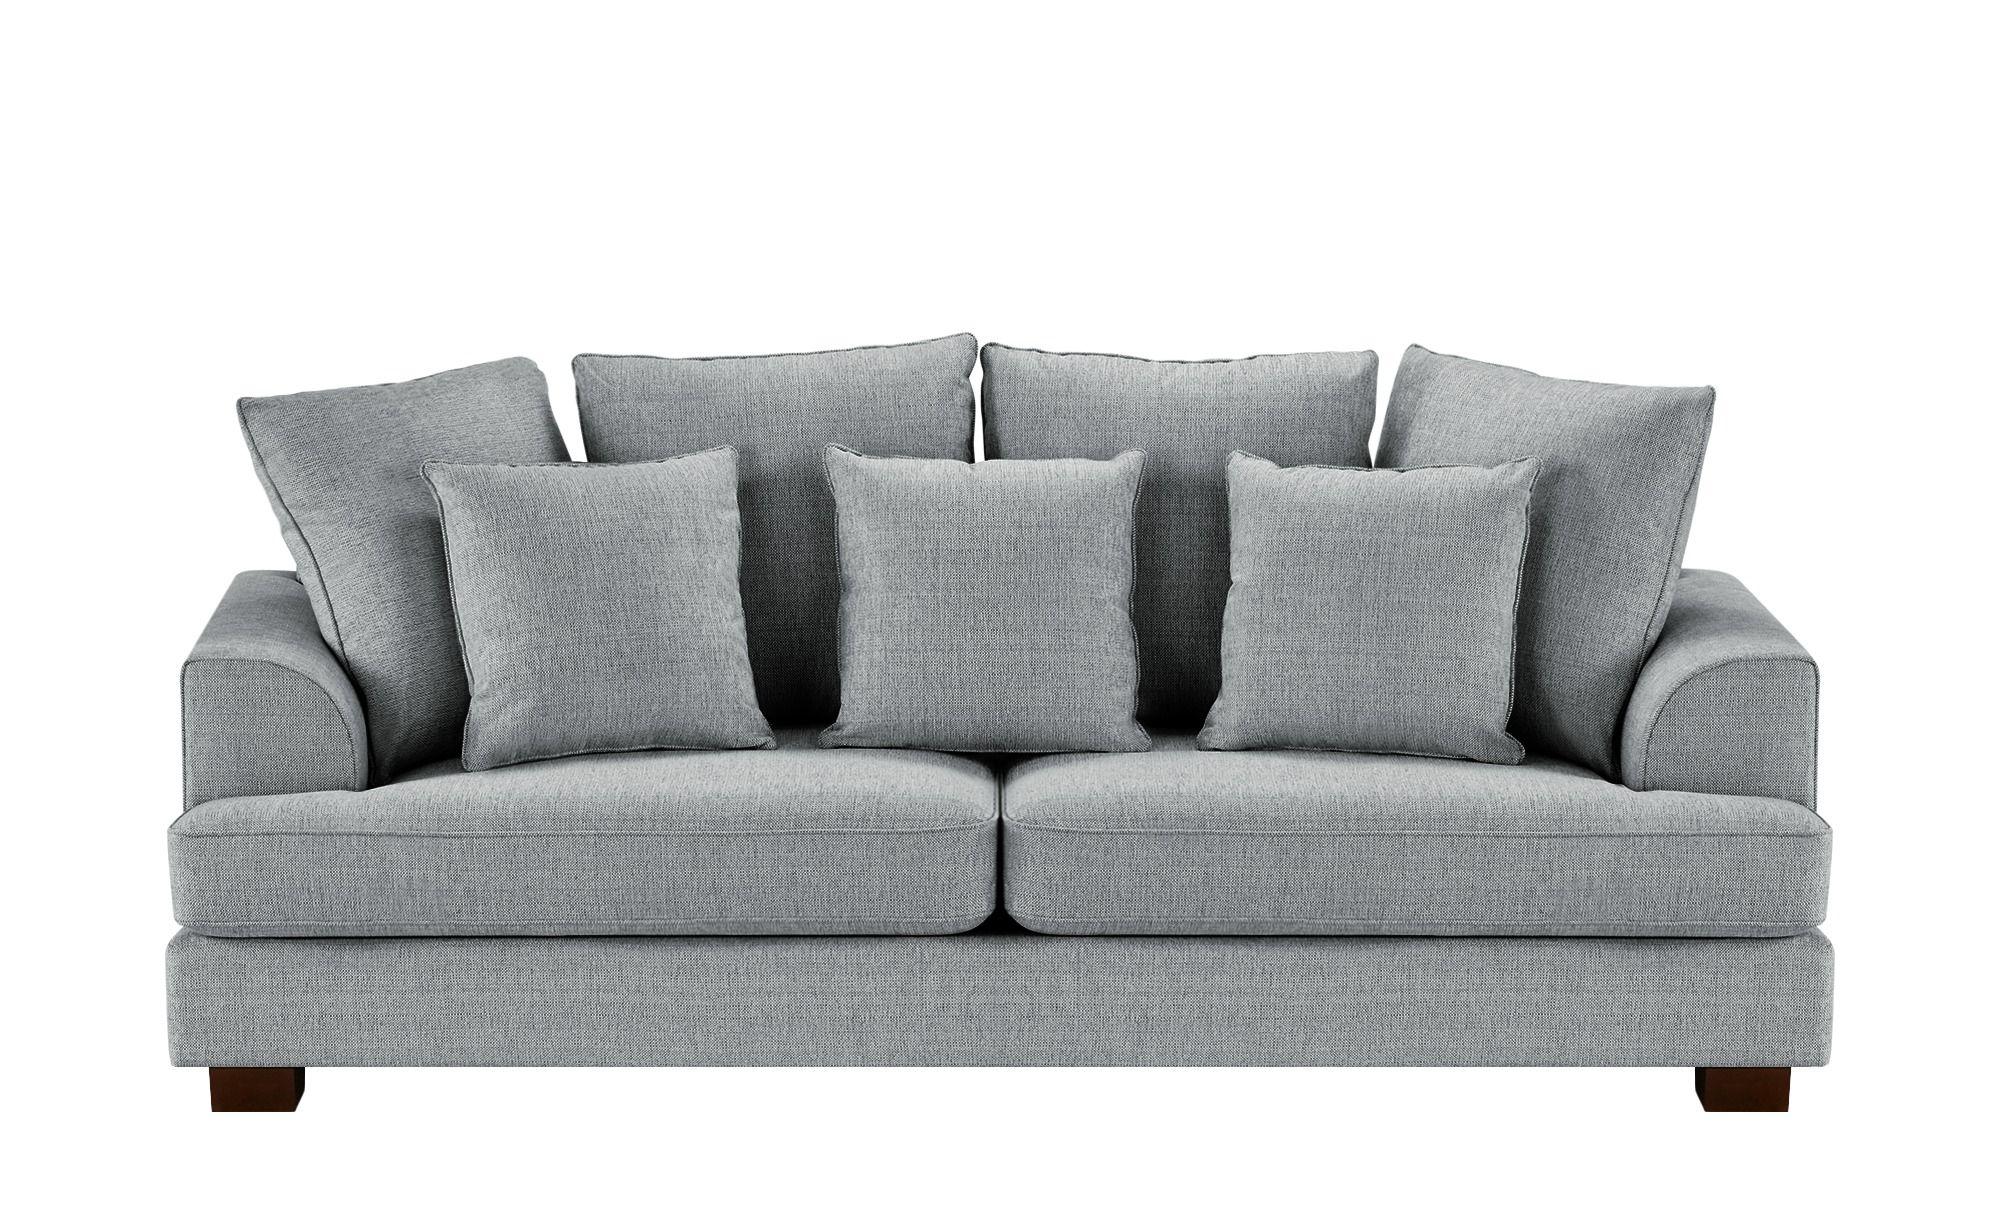 Soho Sofa Hellgrau Webstoff Franka Grau Masse Cm B 231 H